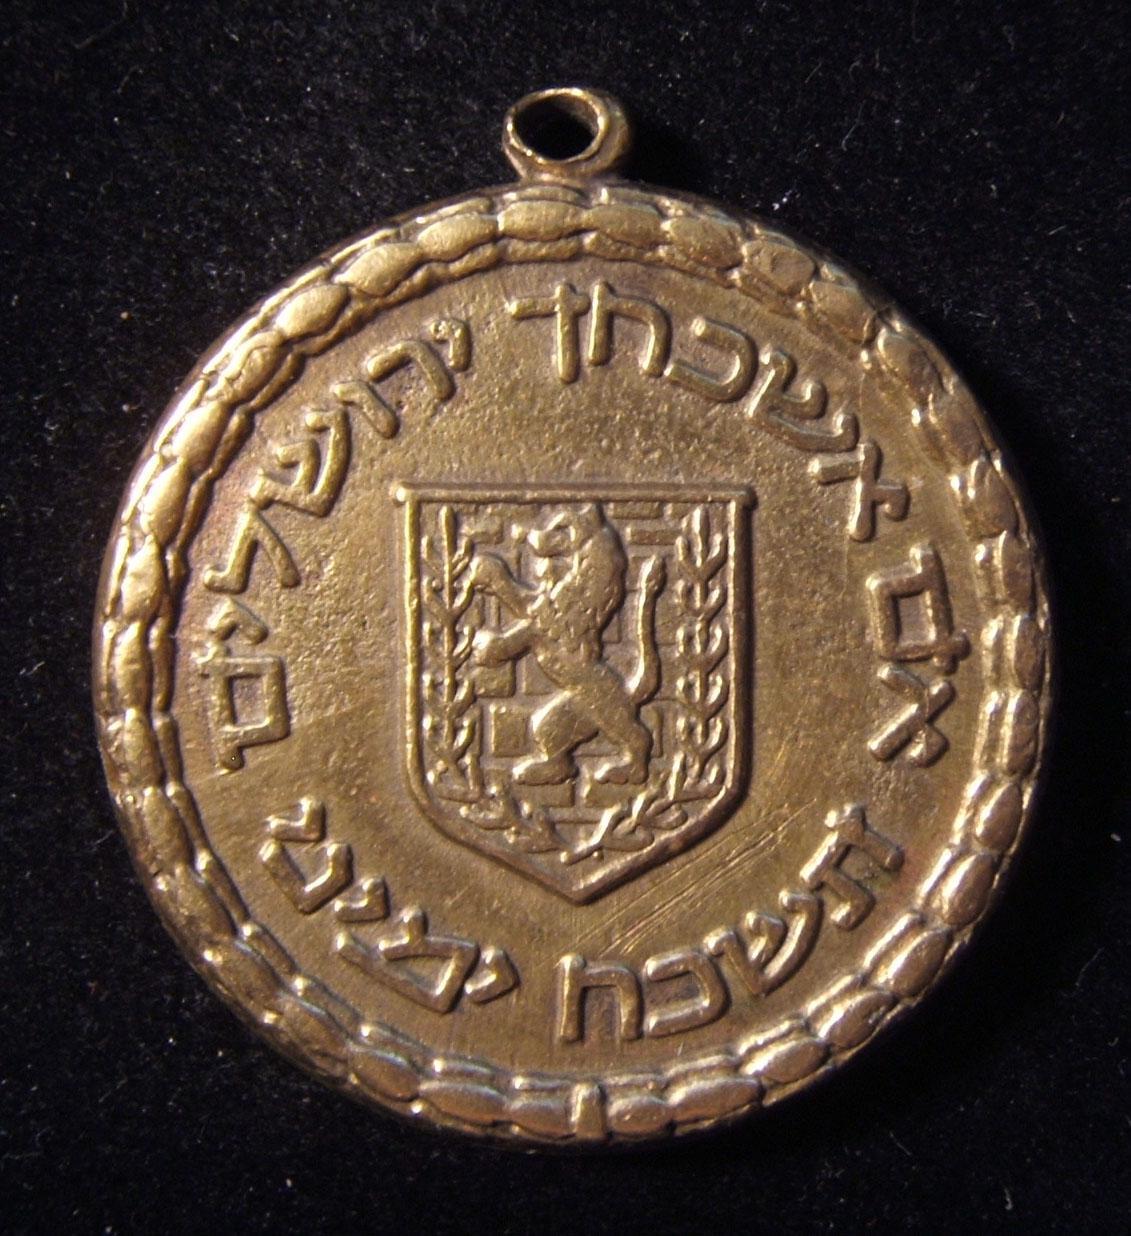 Israel: Jerusalem Medaillon, ca. 195060; kein Hersteller gekennzeichnet (evtl. Pal-Bell); Größe: 37,5 x 42 mm; Gewicht: 32,65 g. Vorderseite Beschriftung